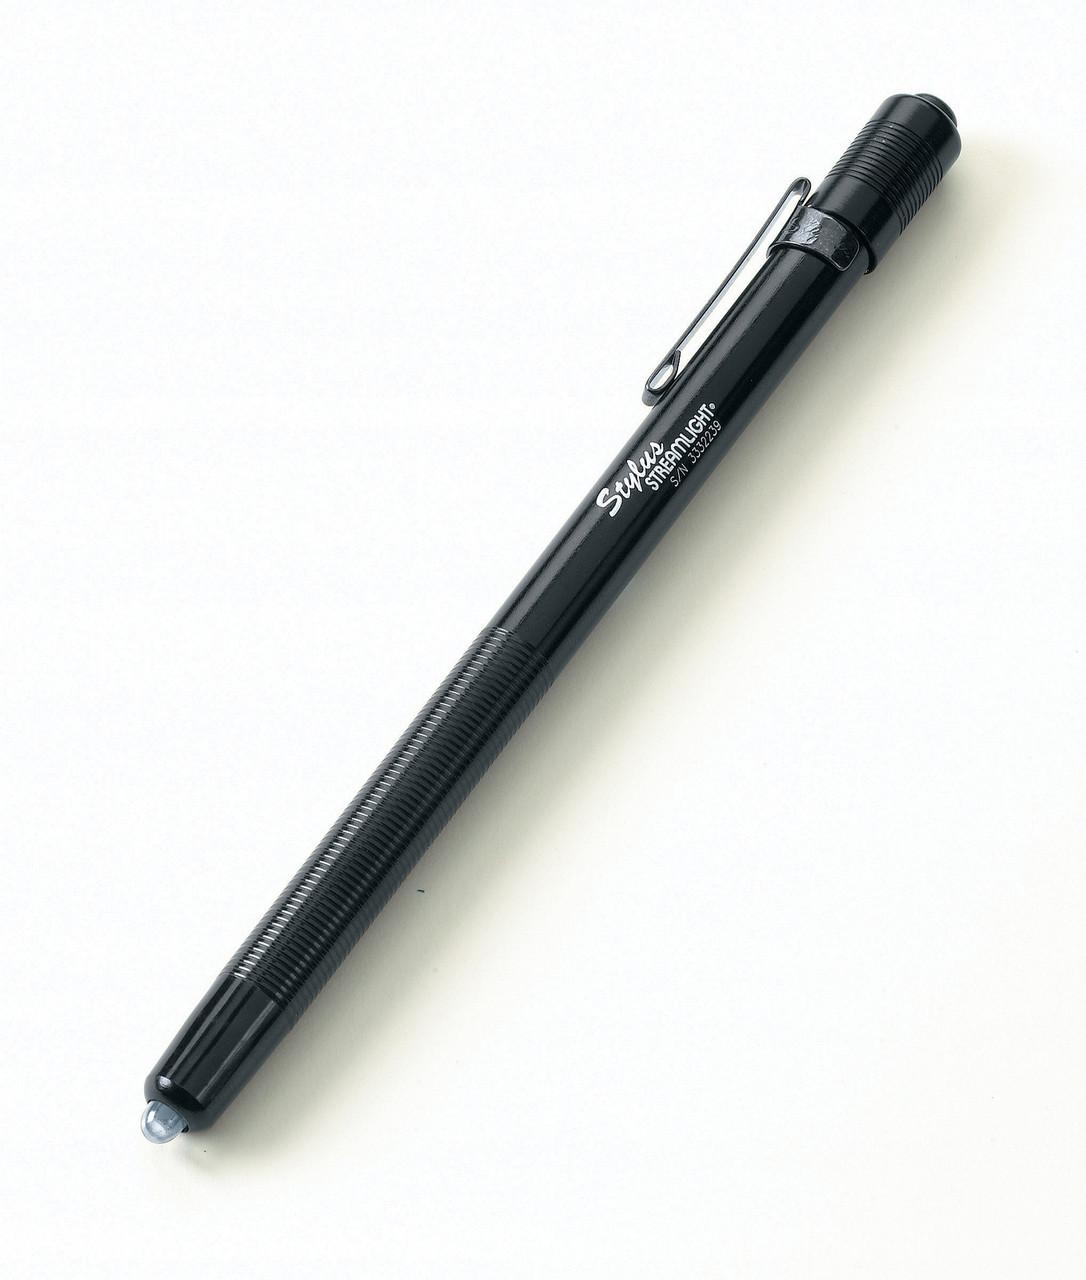 Взрывобезопасный фонарь в виде ручки Stylus®